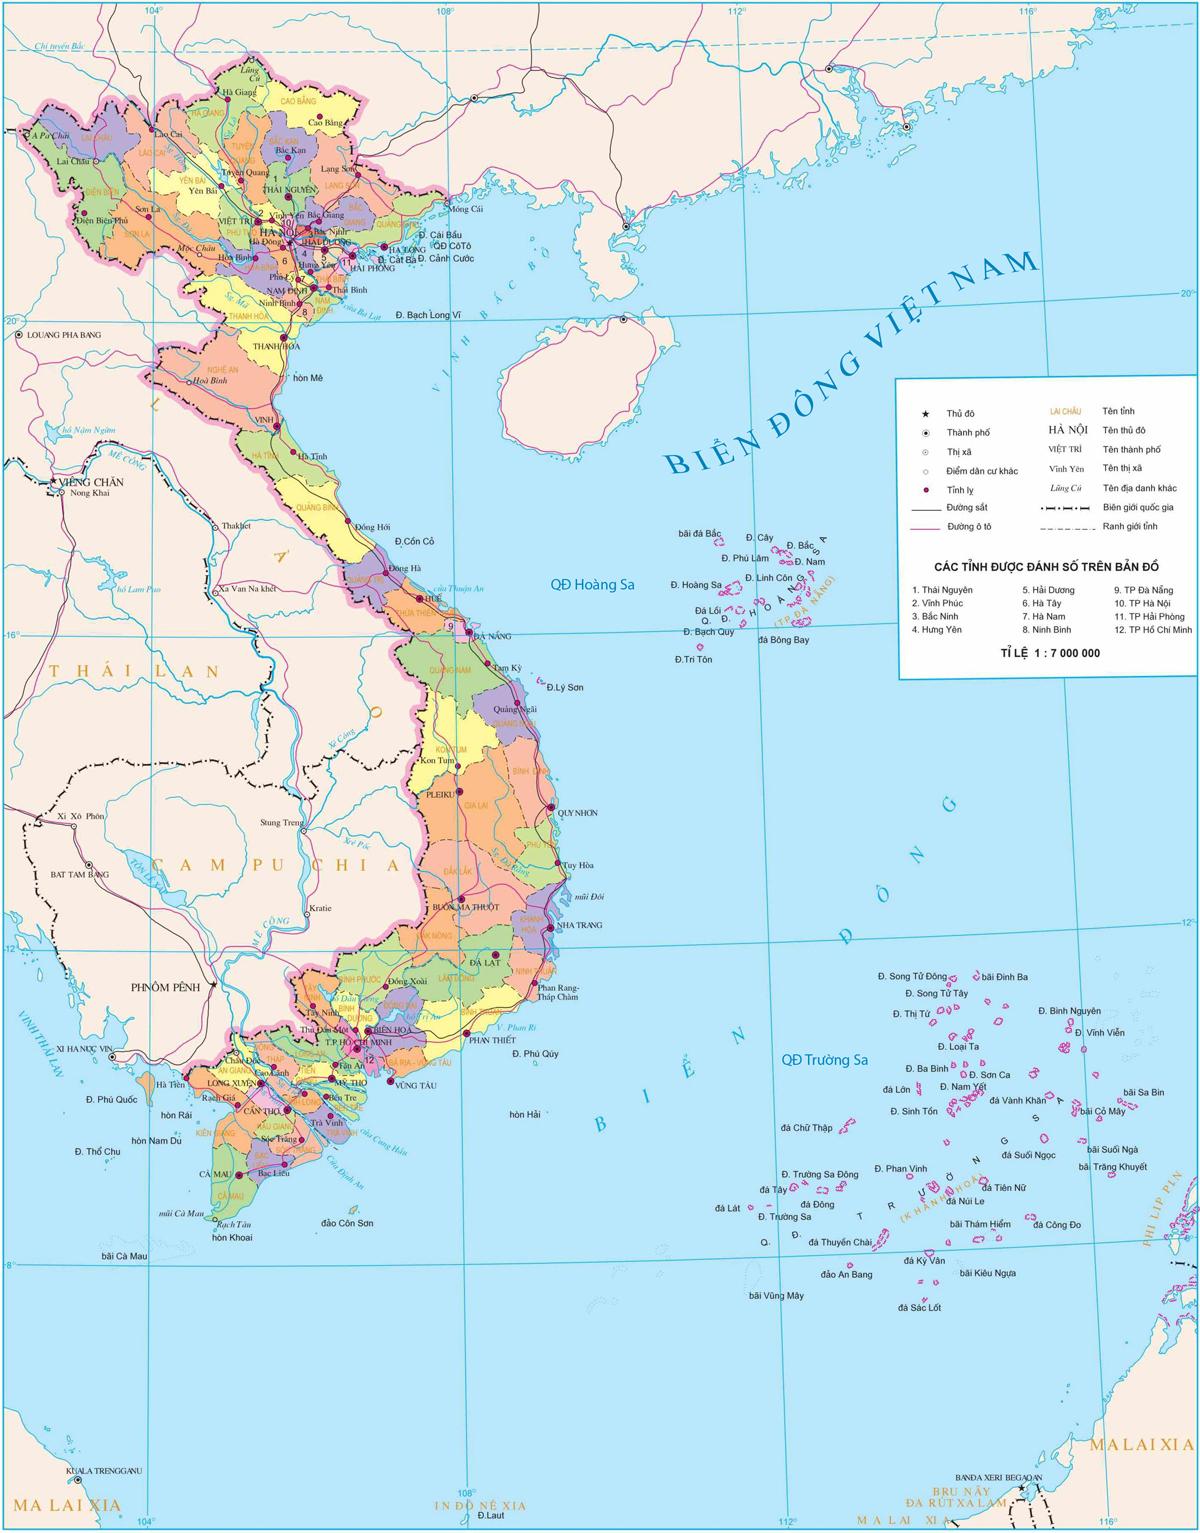 BẢN ĐỒ VIỆT NAM - VIETNAM MAP : C�NG TY TNHH PH�T TRIỂN VIỆT NAM phattrienvietnam.com